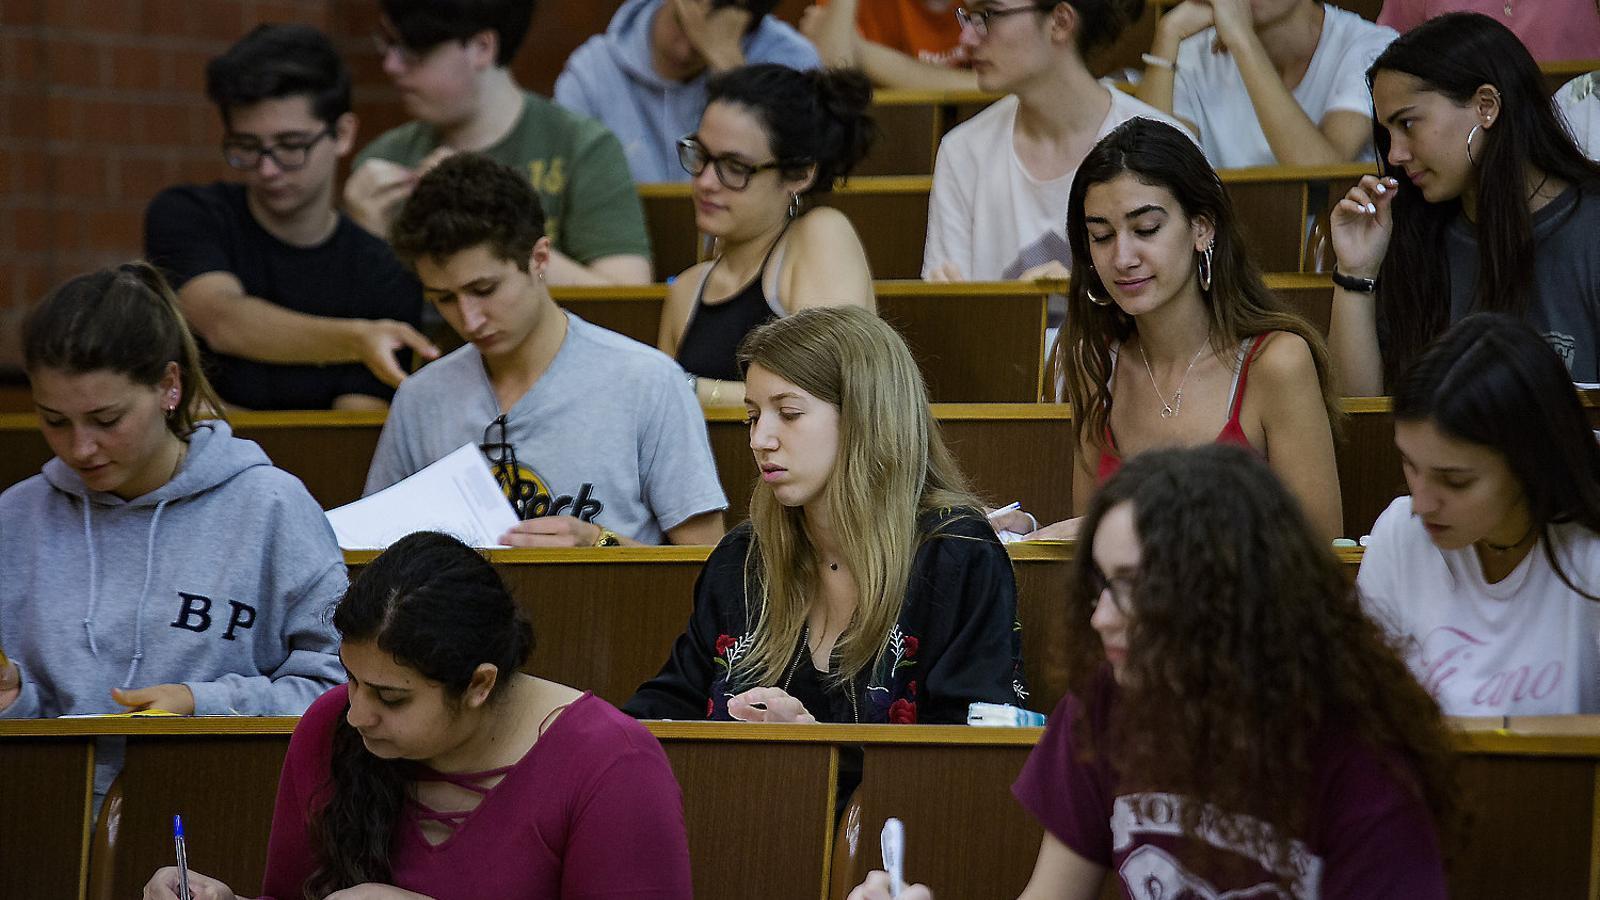 Les facultats de Catalunya i Balears també tindran més estudiants de català el curs que ve